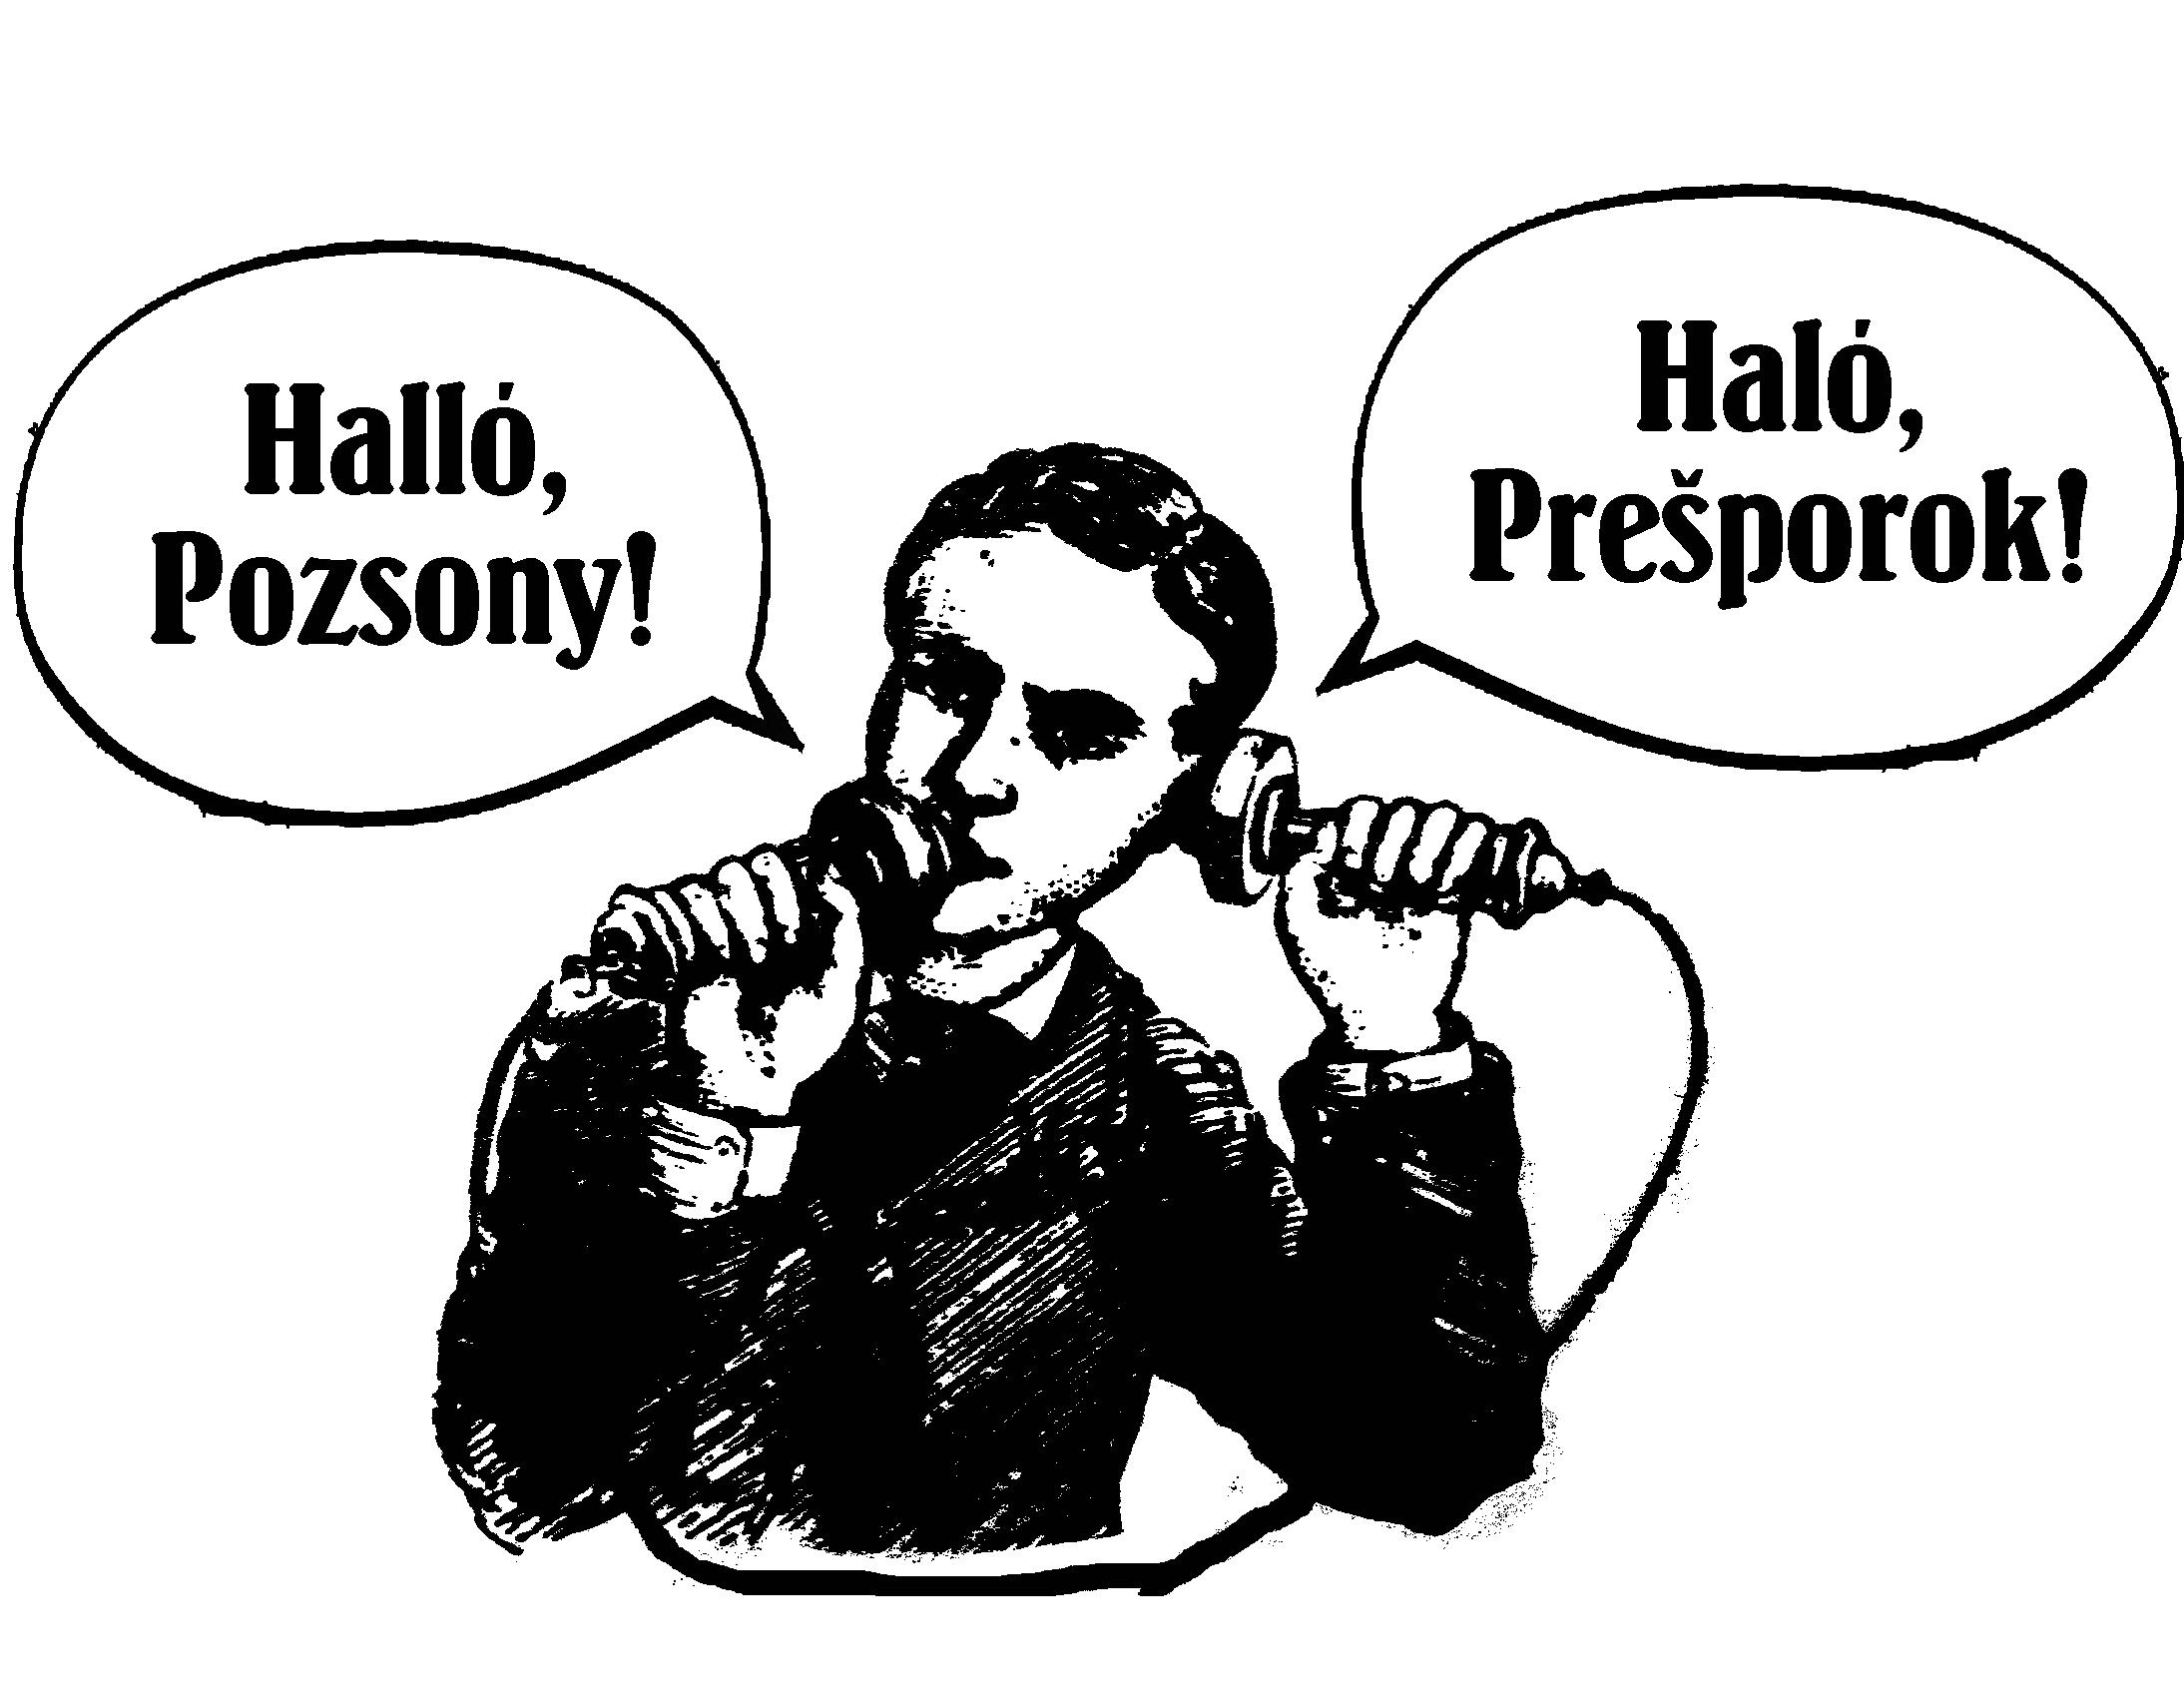 Kétnyelvű, interaktív kiállítás Pozsony történelméről, nem csak pozsonyiaknak